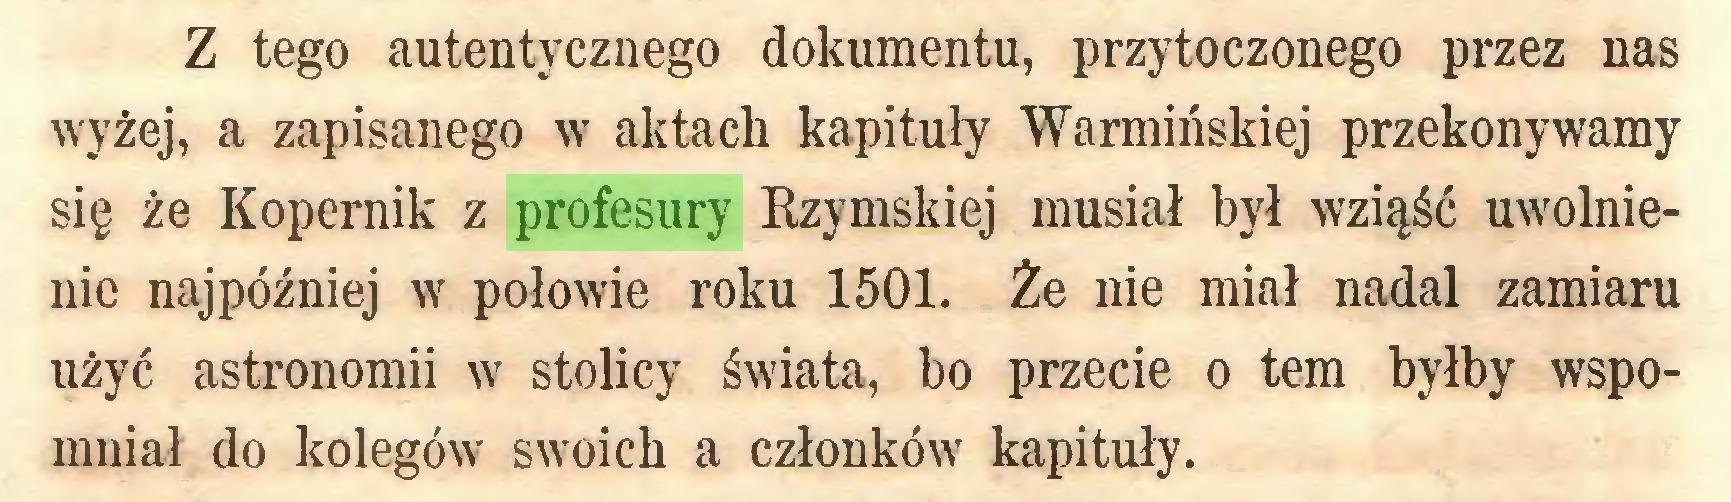 (...) Z tego autentycznego dokumentu, przytoczonego przez nas wyżej, a zapisanego w aktach kapituły Warmińskiej przekonywamy się że Kopernik z profesury Rzymskiej musiał był wziąść uwolnienie najpóźniej w połowie roku 1501. Że nie miał nadal zamiaru użyć astronomii w stolicy świata, bo przecie o tern byłby wspomniał do kolegów swoich a członków kapituły...